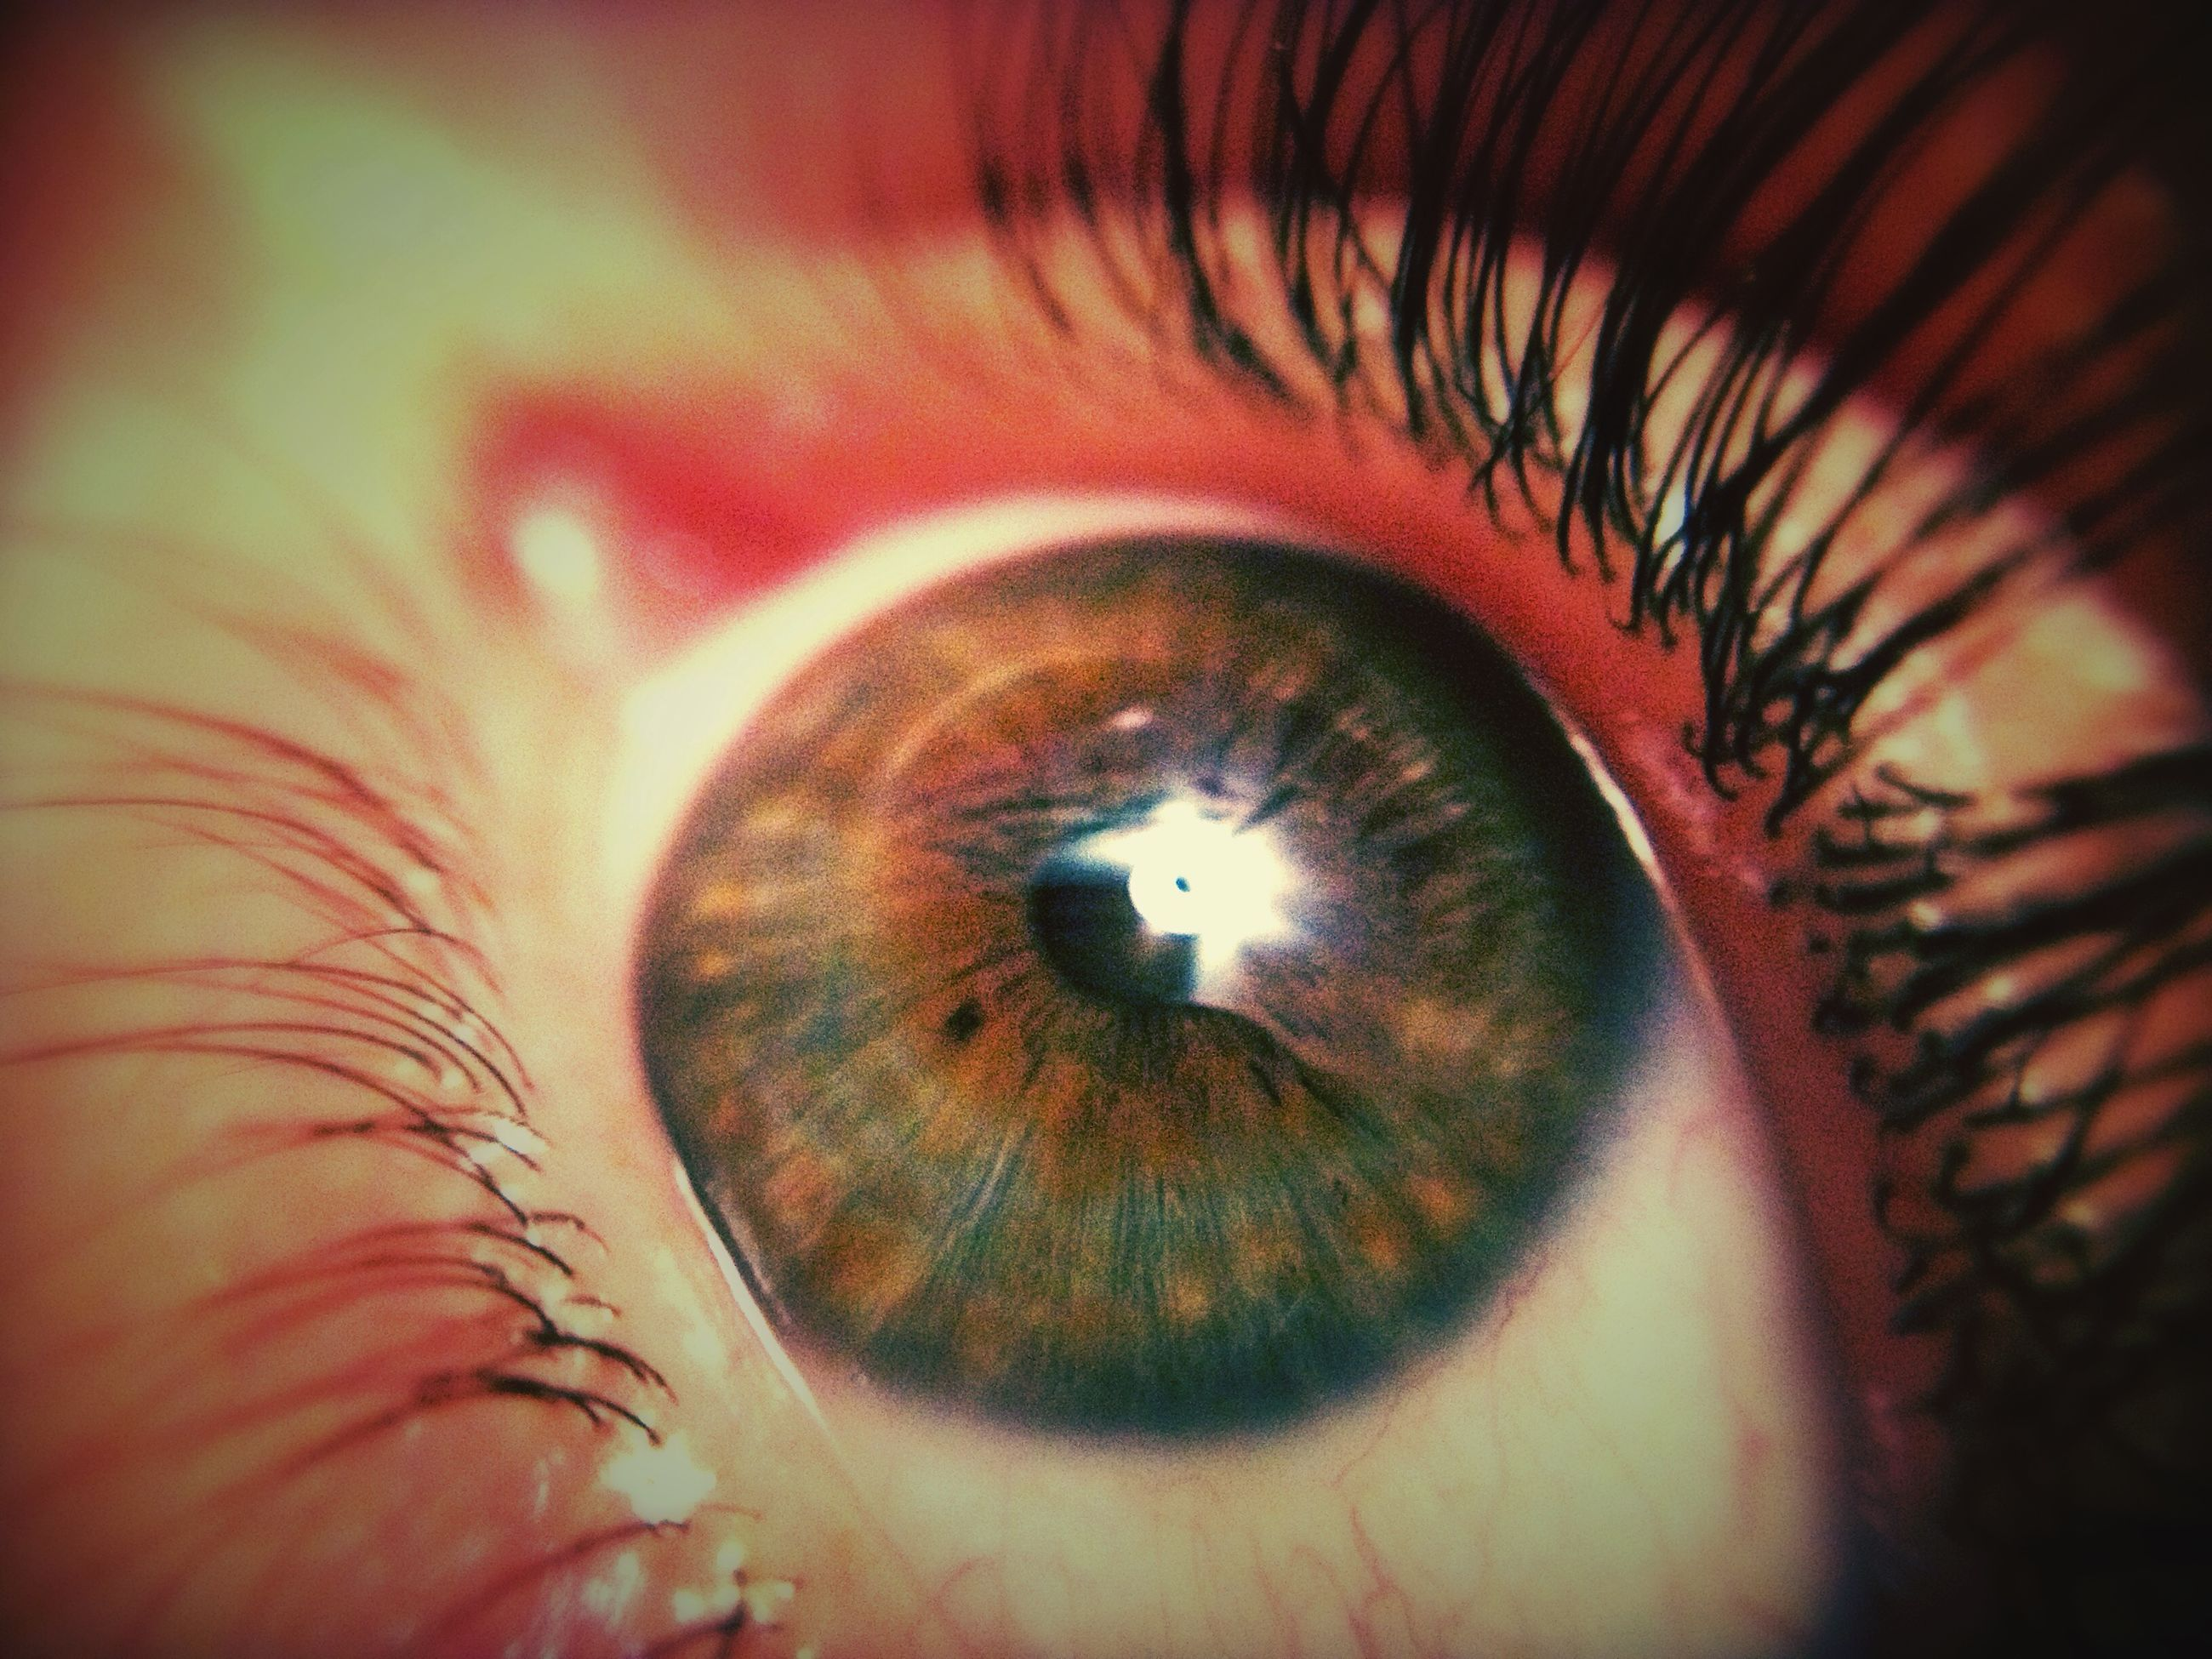 human eye, close-up, indoors, eyelash, eyesight, extreme close-up, sensory perception, part of, circle, full frame, unrecognizable person, extreme close up, selective focus, iris - eye, backgrounds, detail, eyeball